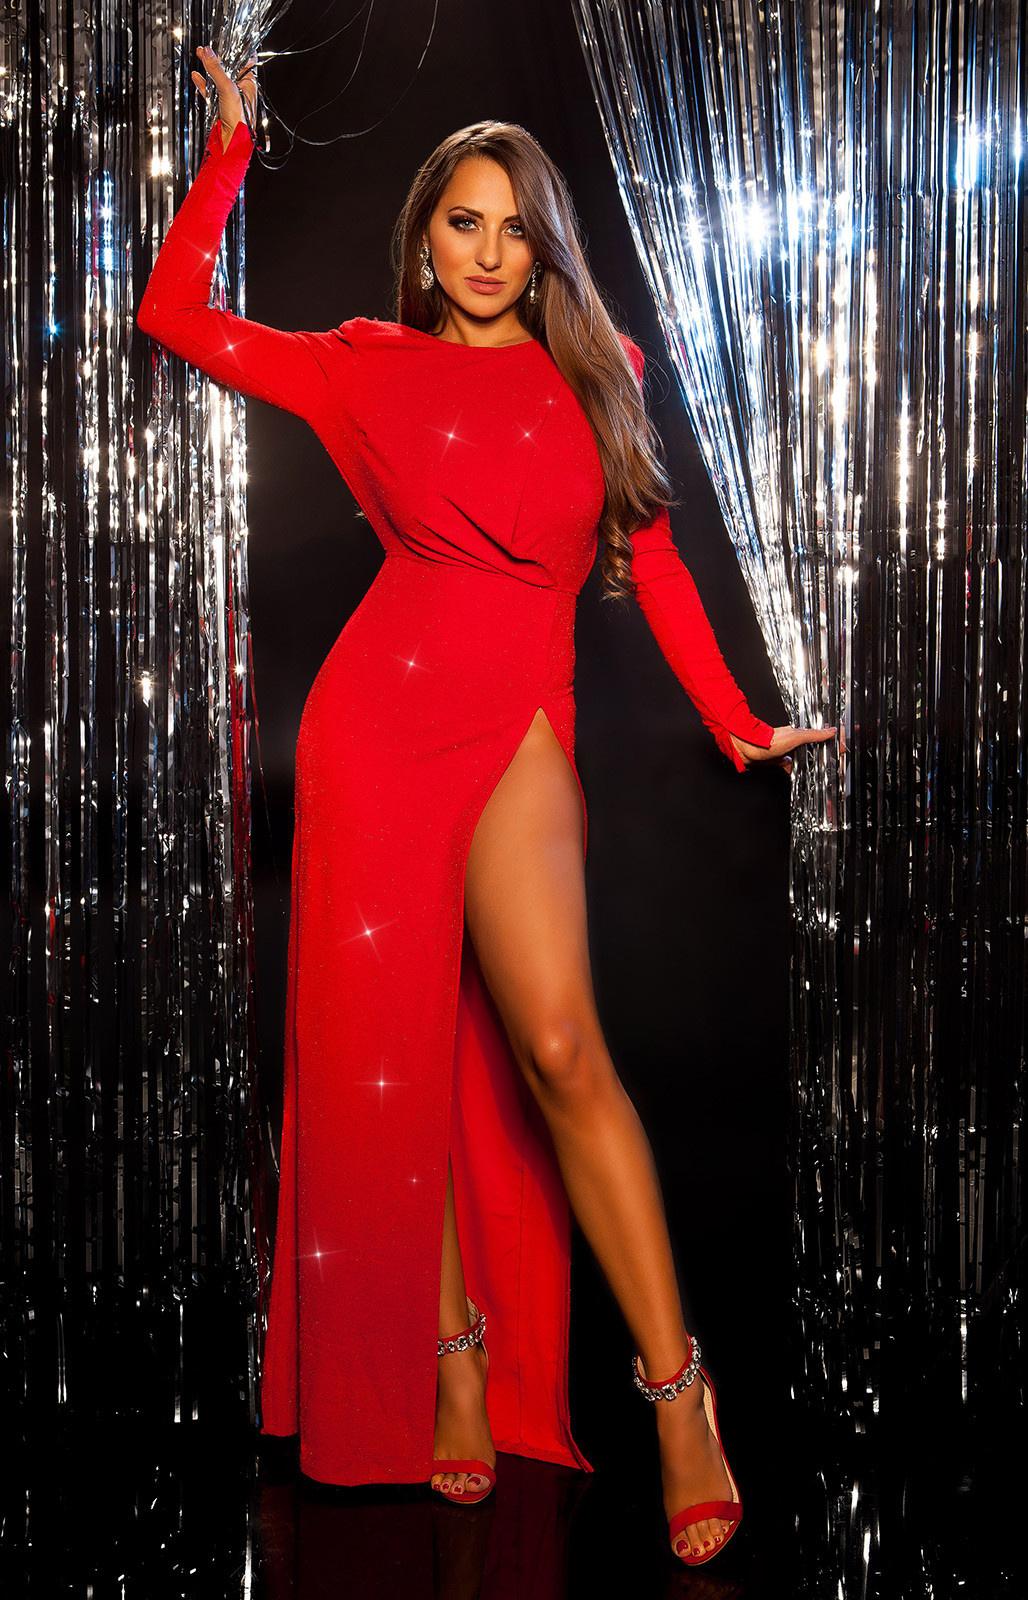 Sexy rode-loper avond jurk met schoduer pads roodzilver